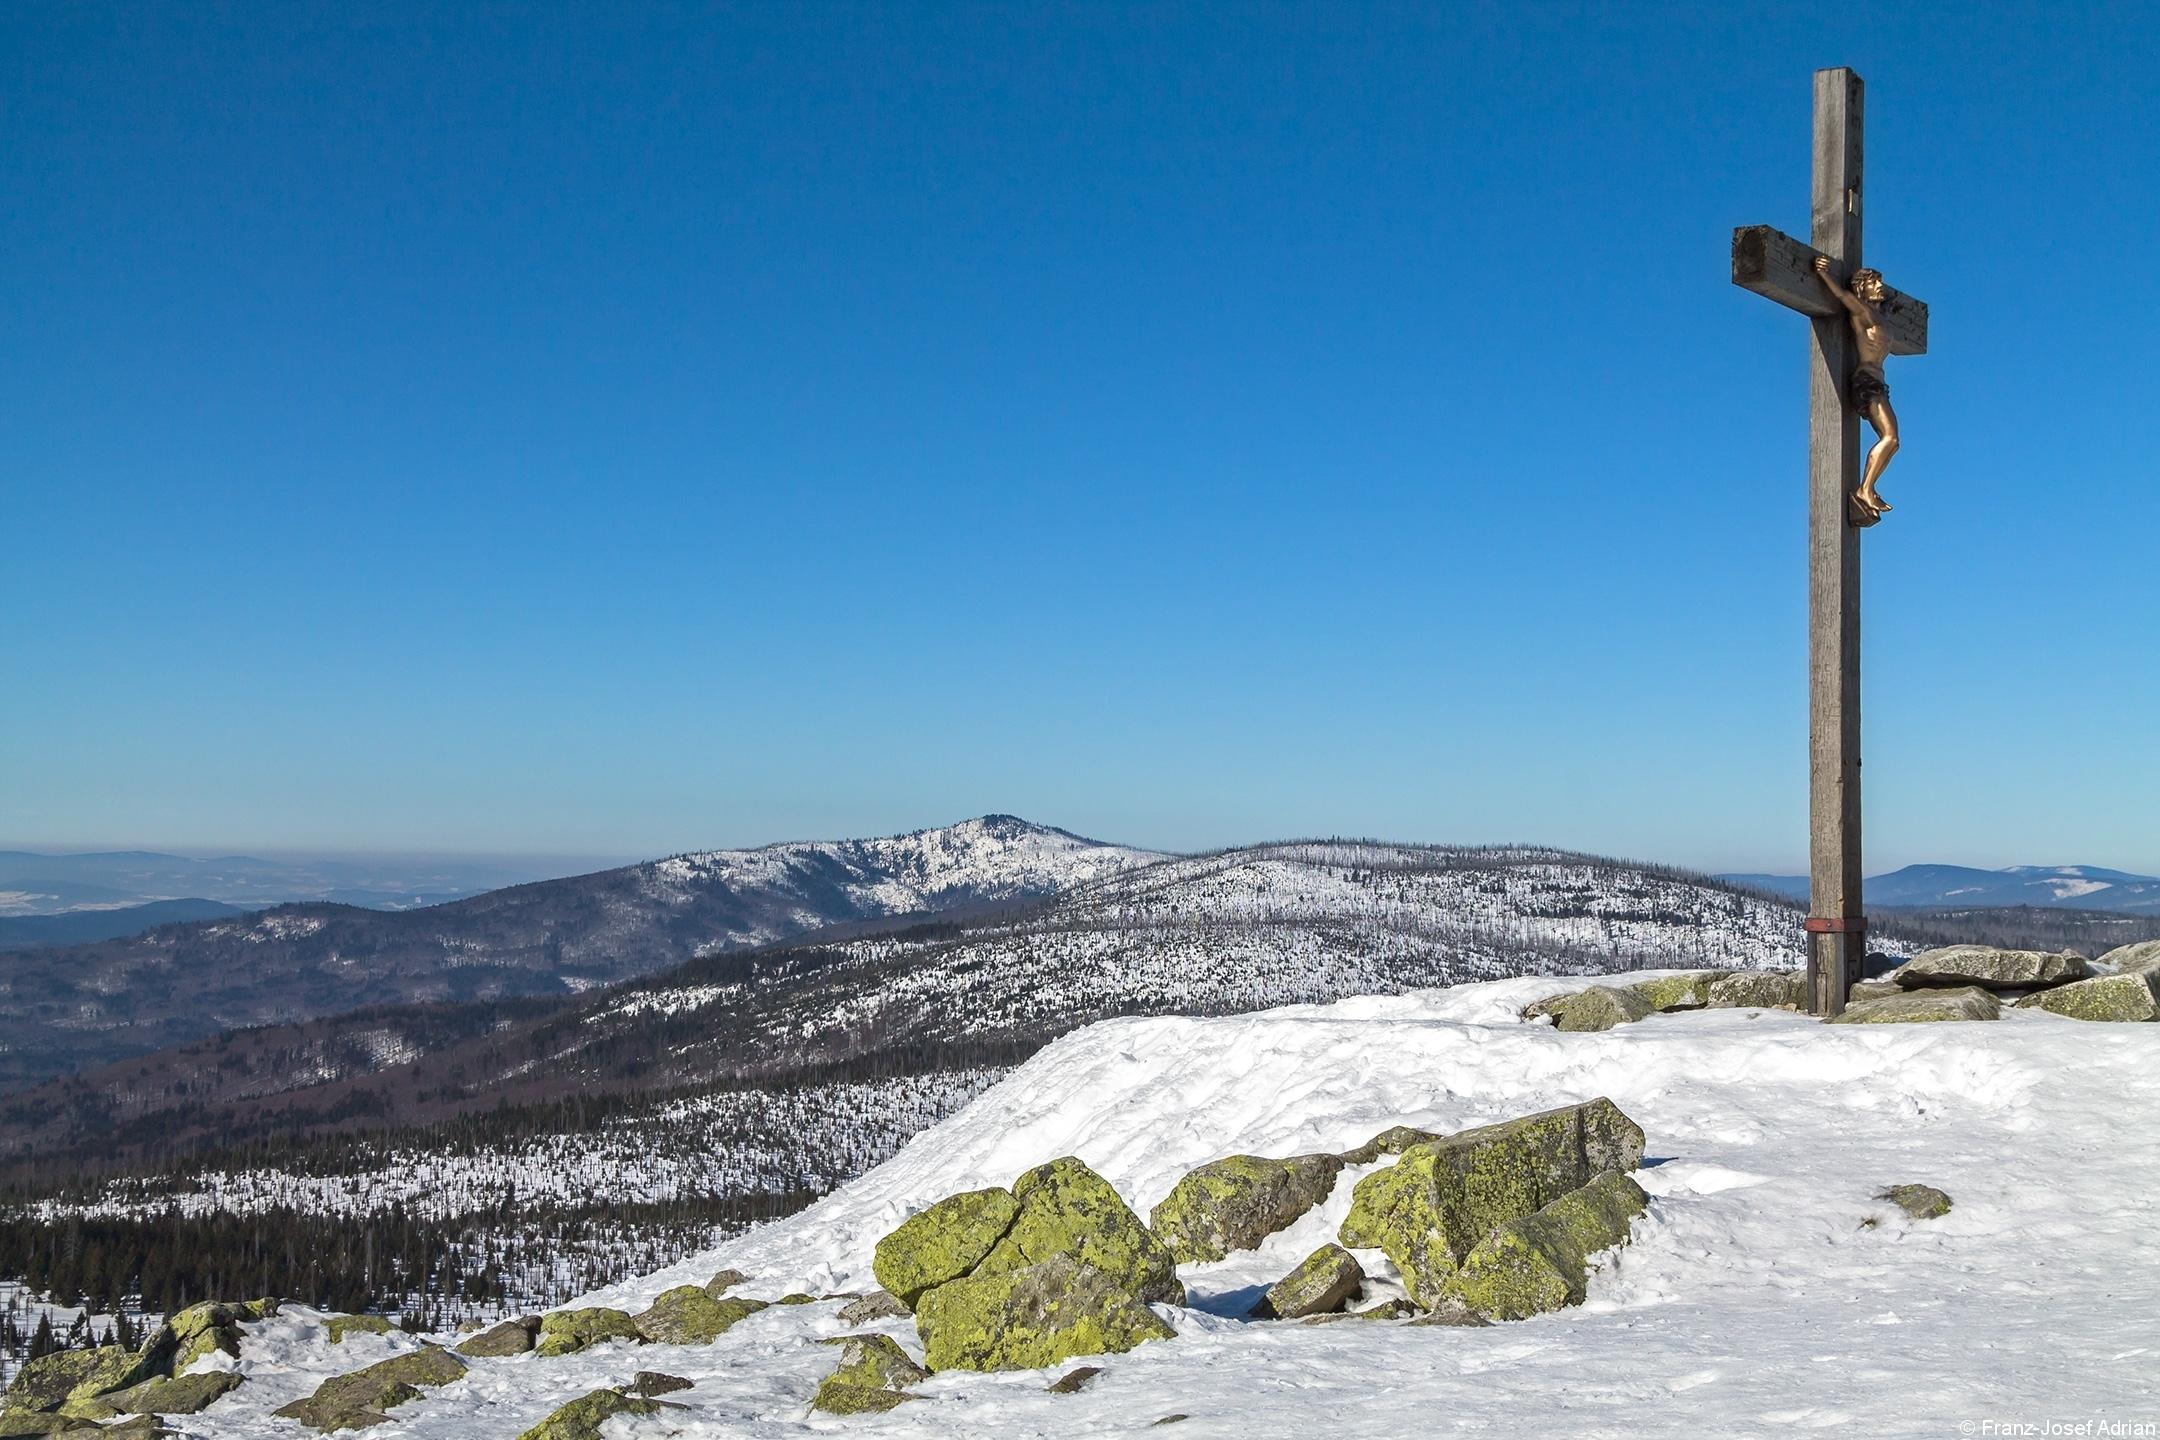 Gipfelkreuz am Lusen, im Hintergrund der Rachel